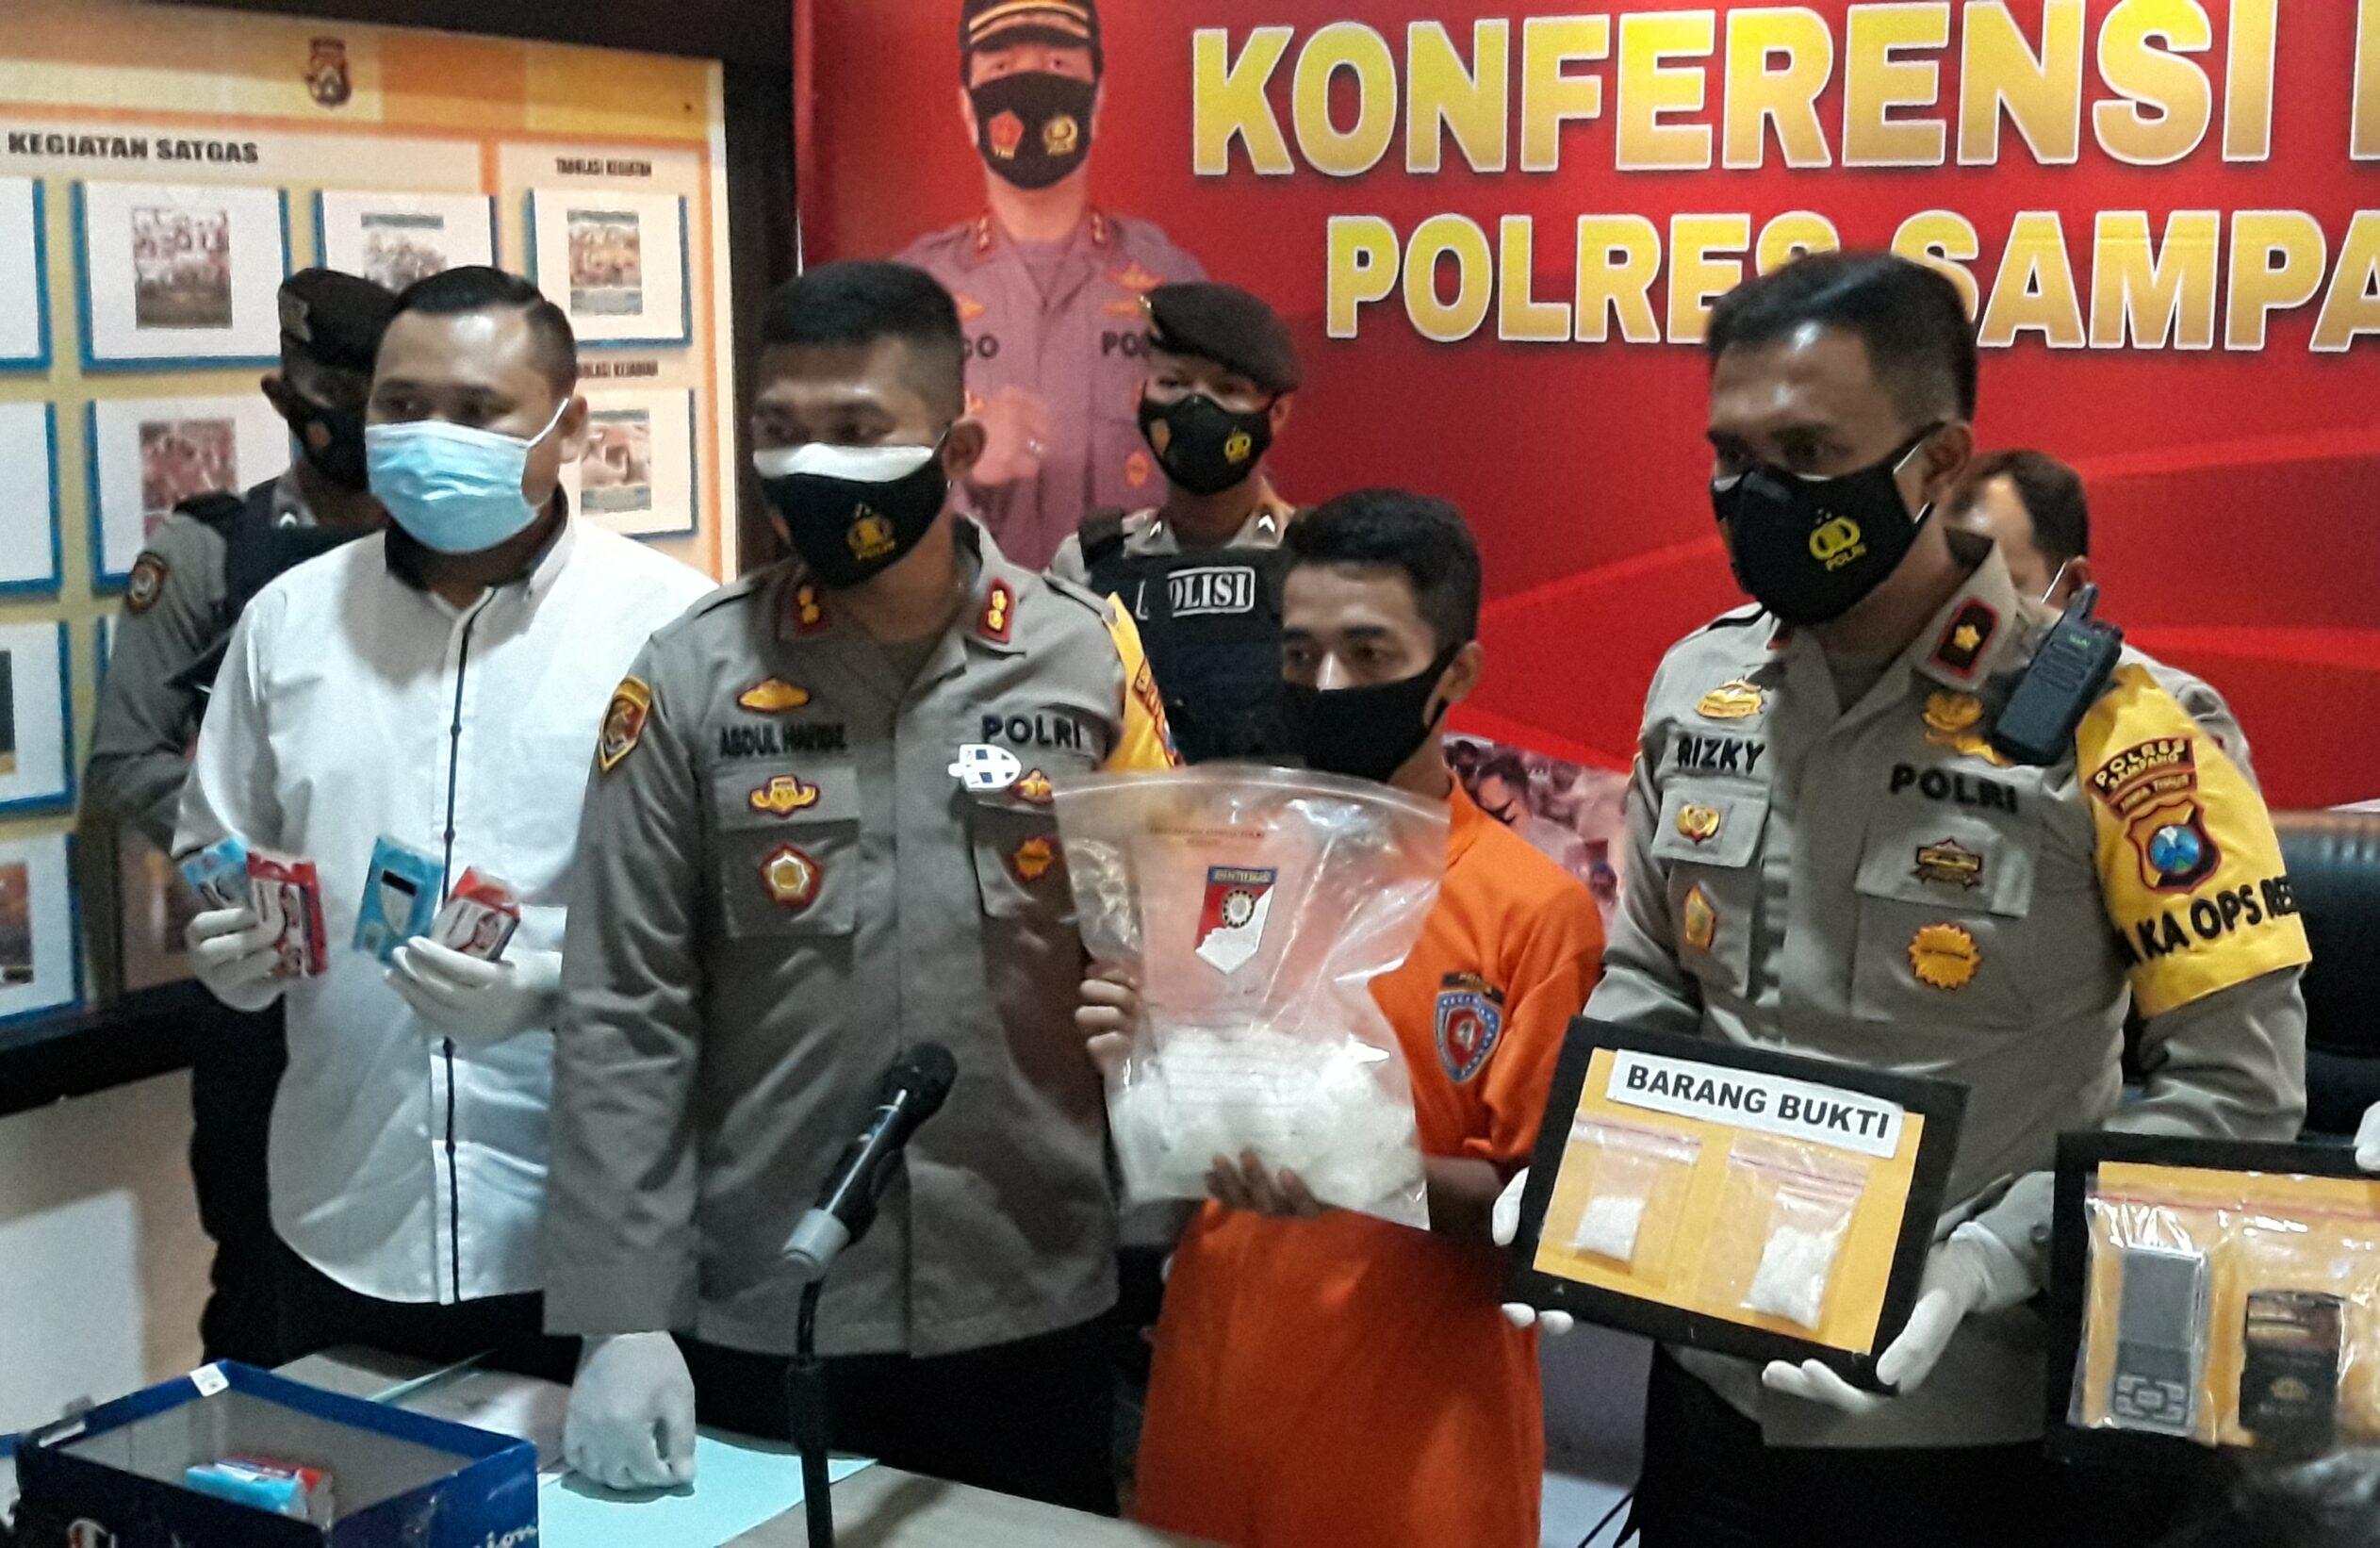 Sembunyikan Sabu Dalam Kemasan Sabun, Satu Kurir Narkotika Diamankan di Sampang